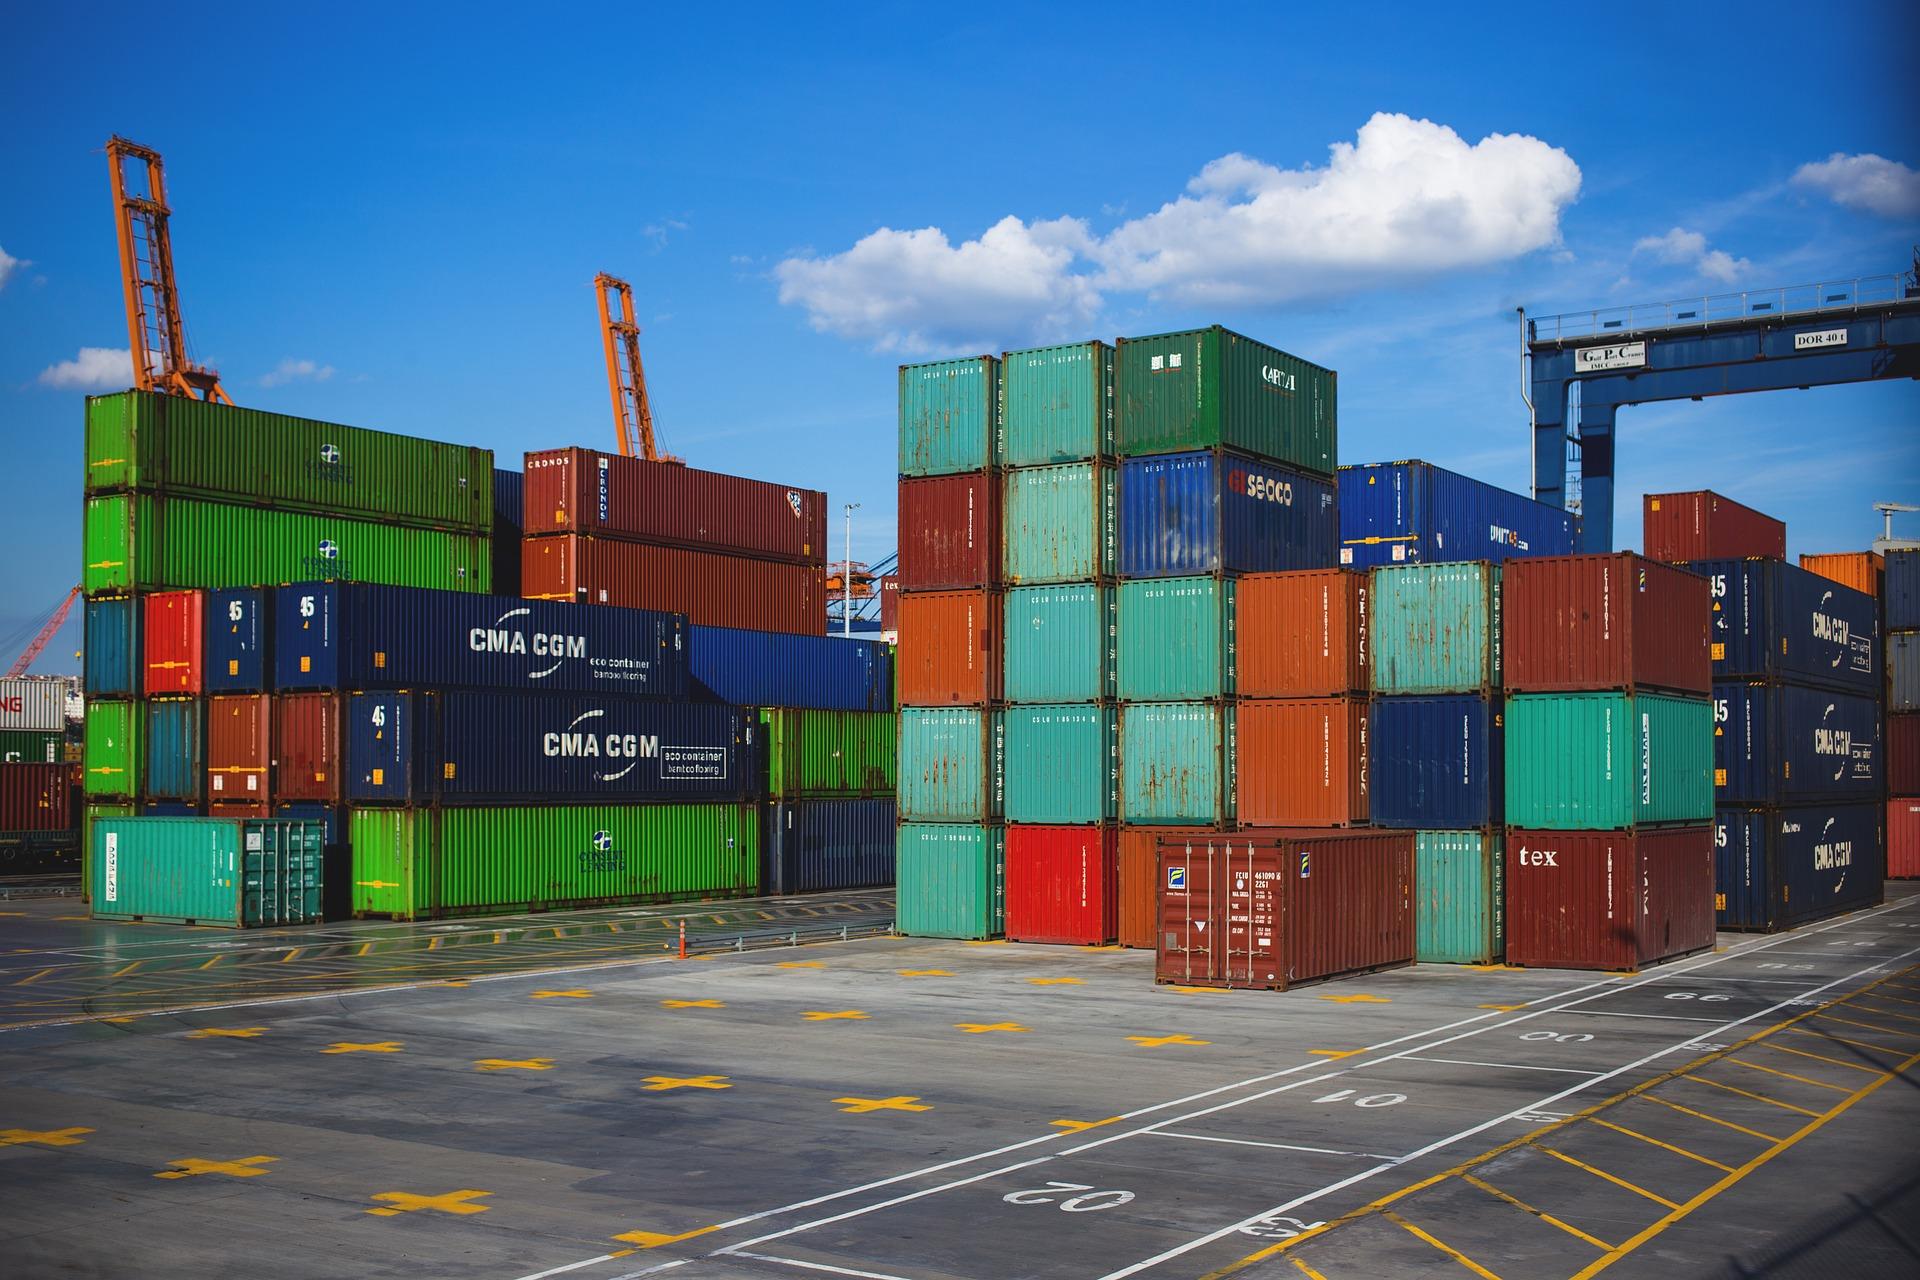 1. ožujka krajnji rok za sklapanje trgovinskog sporazuma SAD-a i Kine